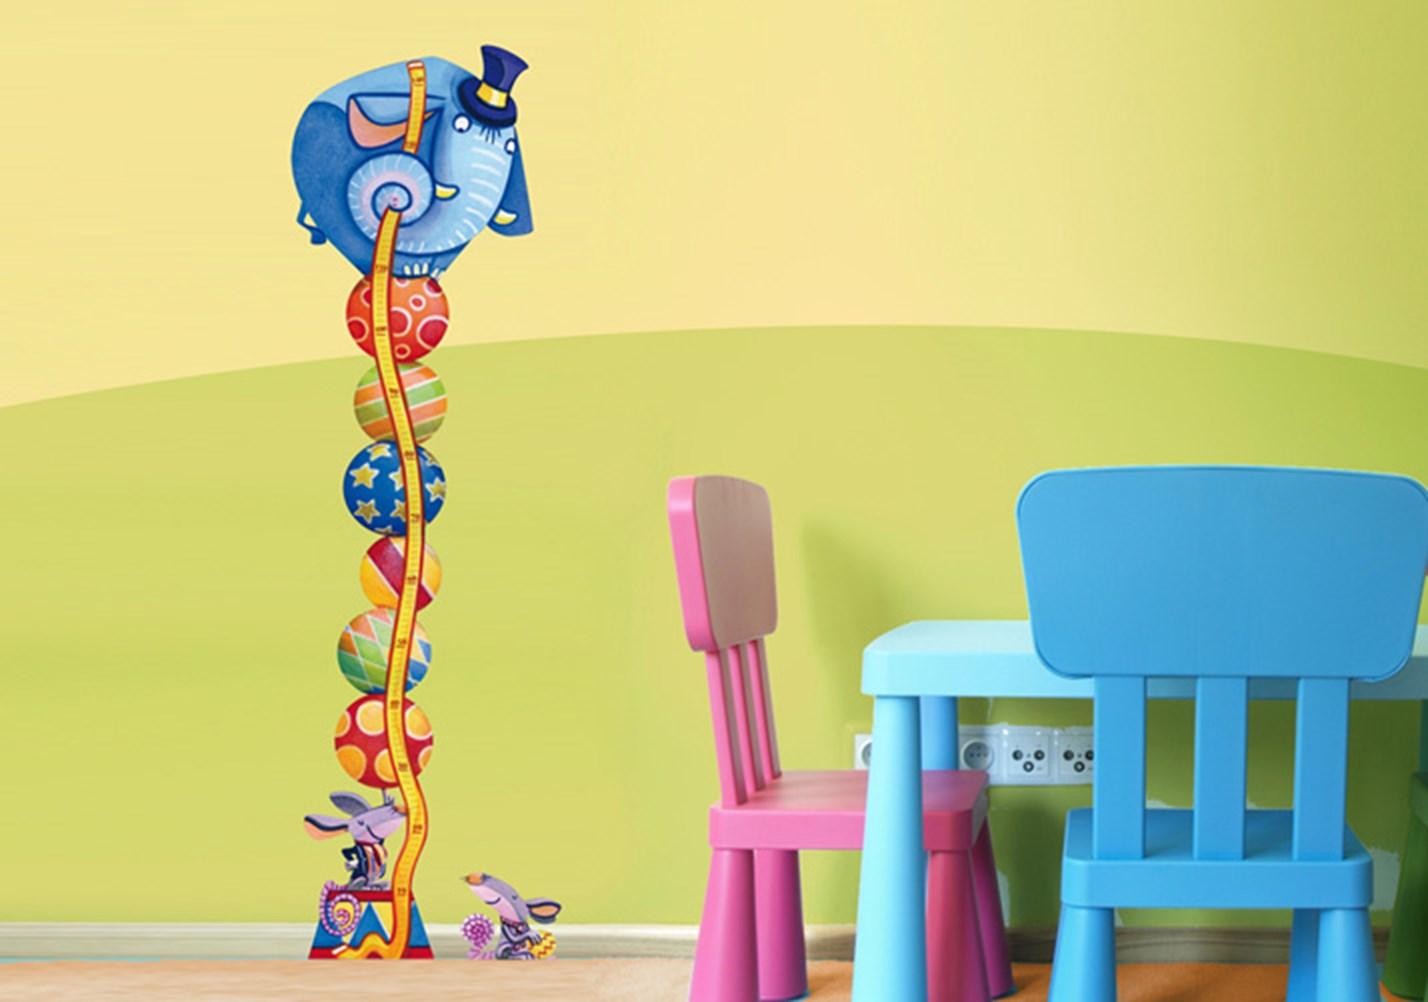 Stickers murali bambini cameretta metrini leostickers - Camerette gioco per bambini ...